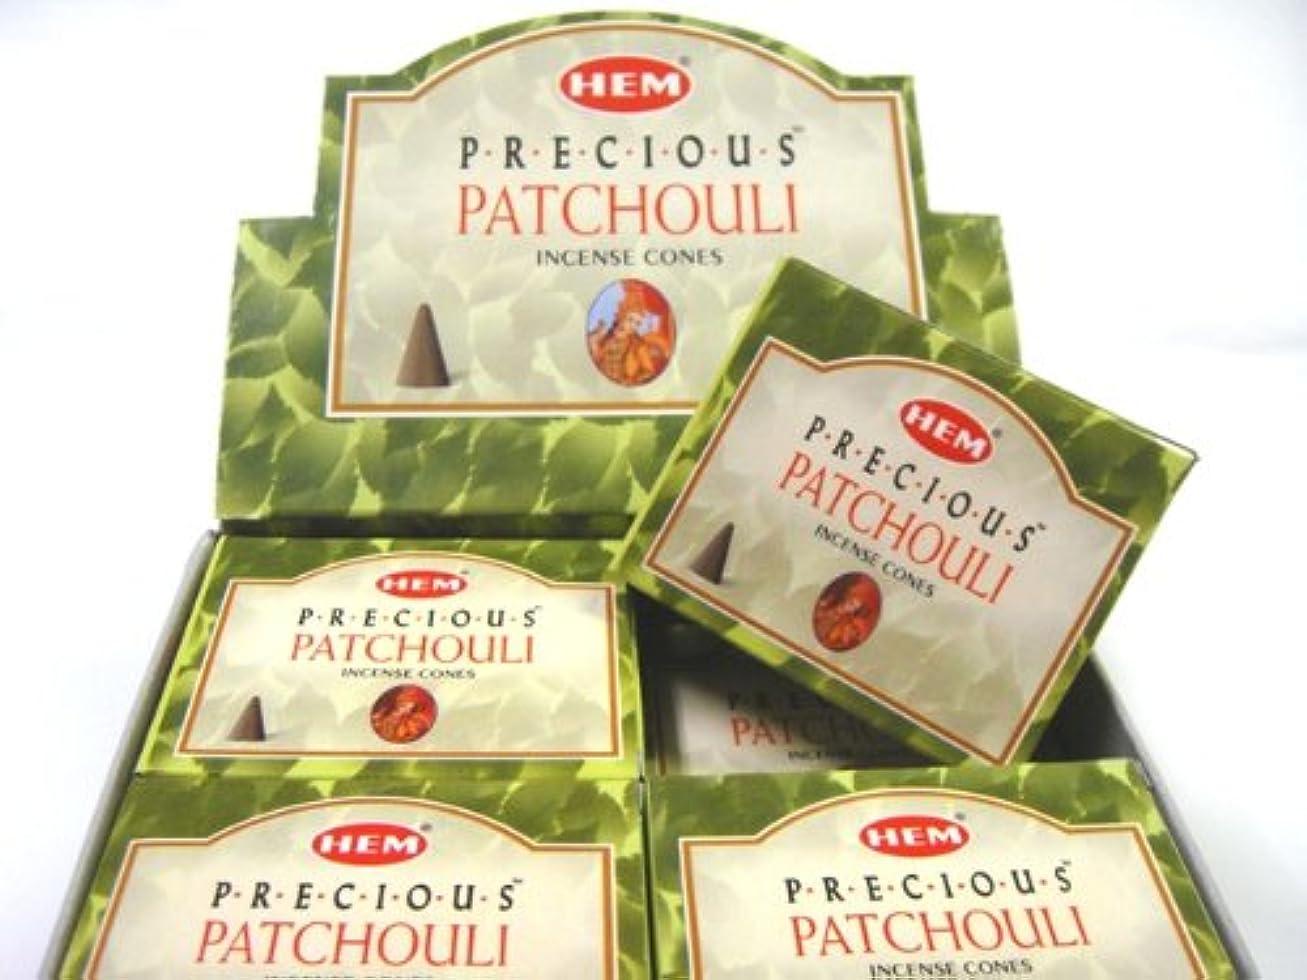 パノラマステーキ本質的にHEM(ヘム)お香 パチョリ コーンタイプ 1ケース(10粒入り1箱×12箱)